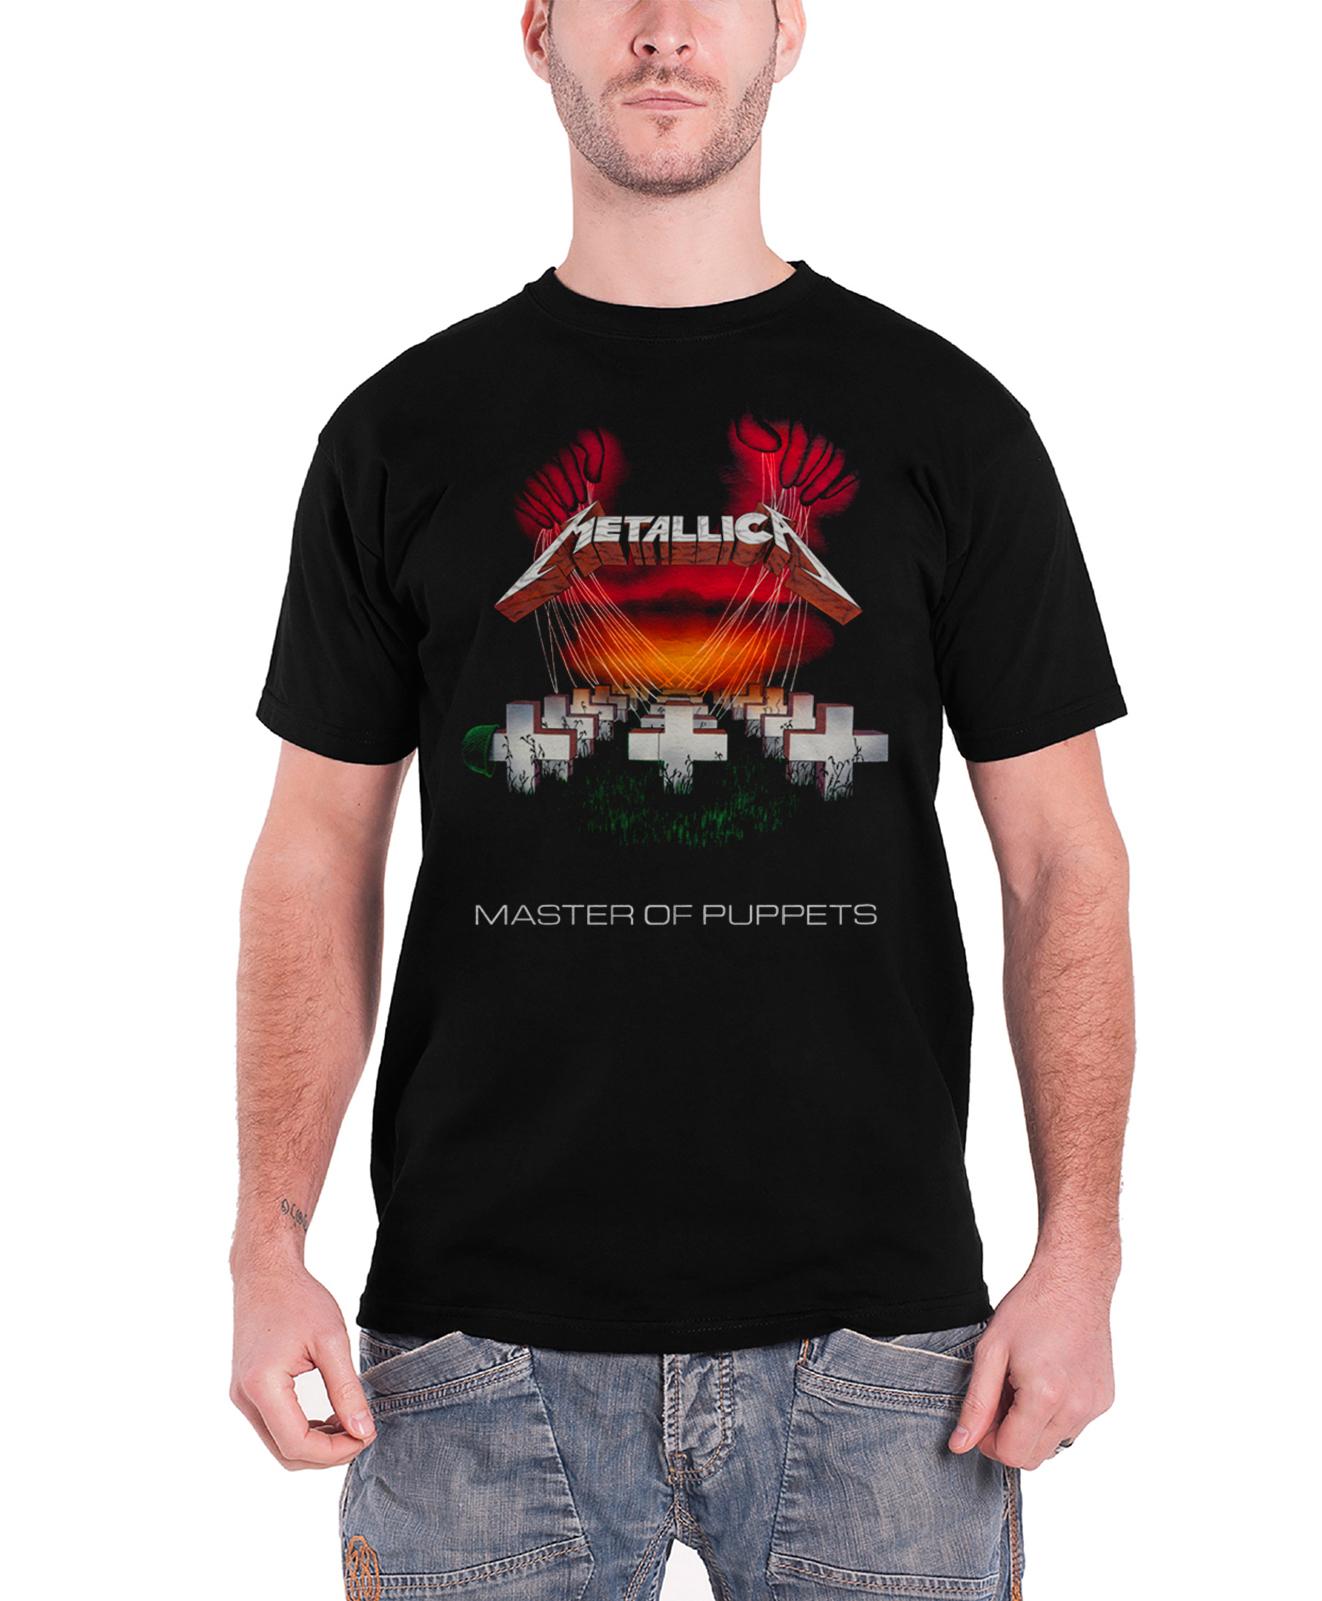 Mens Metallica!! Long Sleeve T-Shirts Casual Men Tee. from $ 19 4 out of 5 stars 6. Bravado. METALLICA KILLEM ALL TOUR MENS TEE. from $ 19 50 Prime. 4 out of 5 stars BUNNY BRAND. Women's Metallica Concert World Tour Rock Music Raglan T .